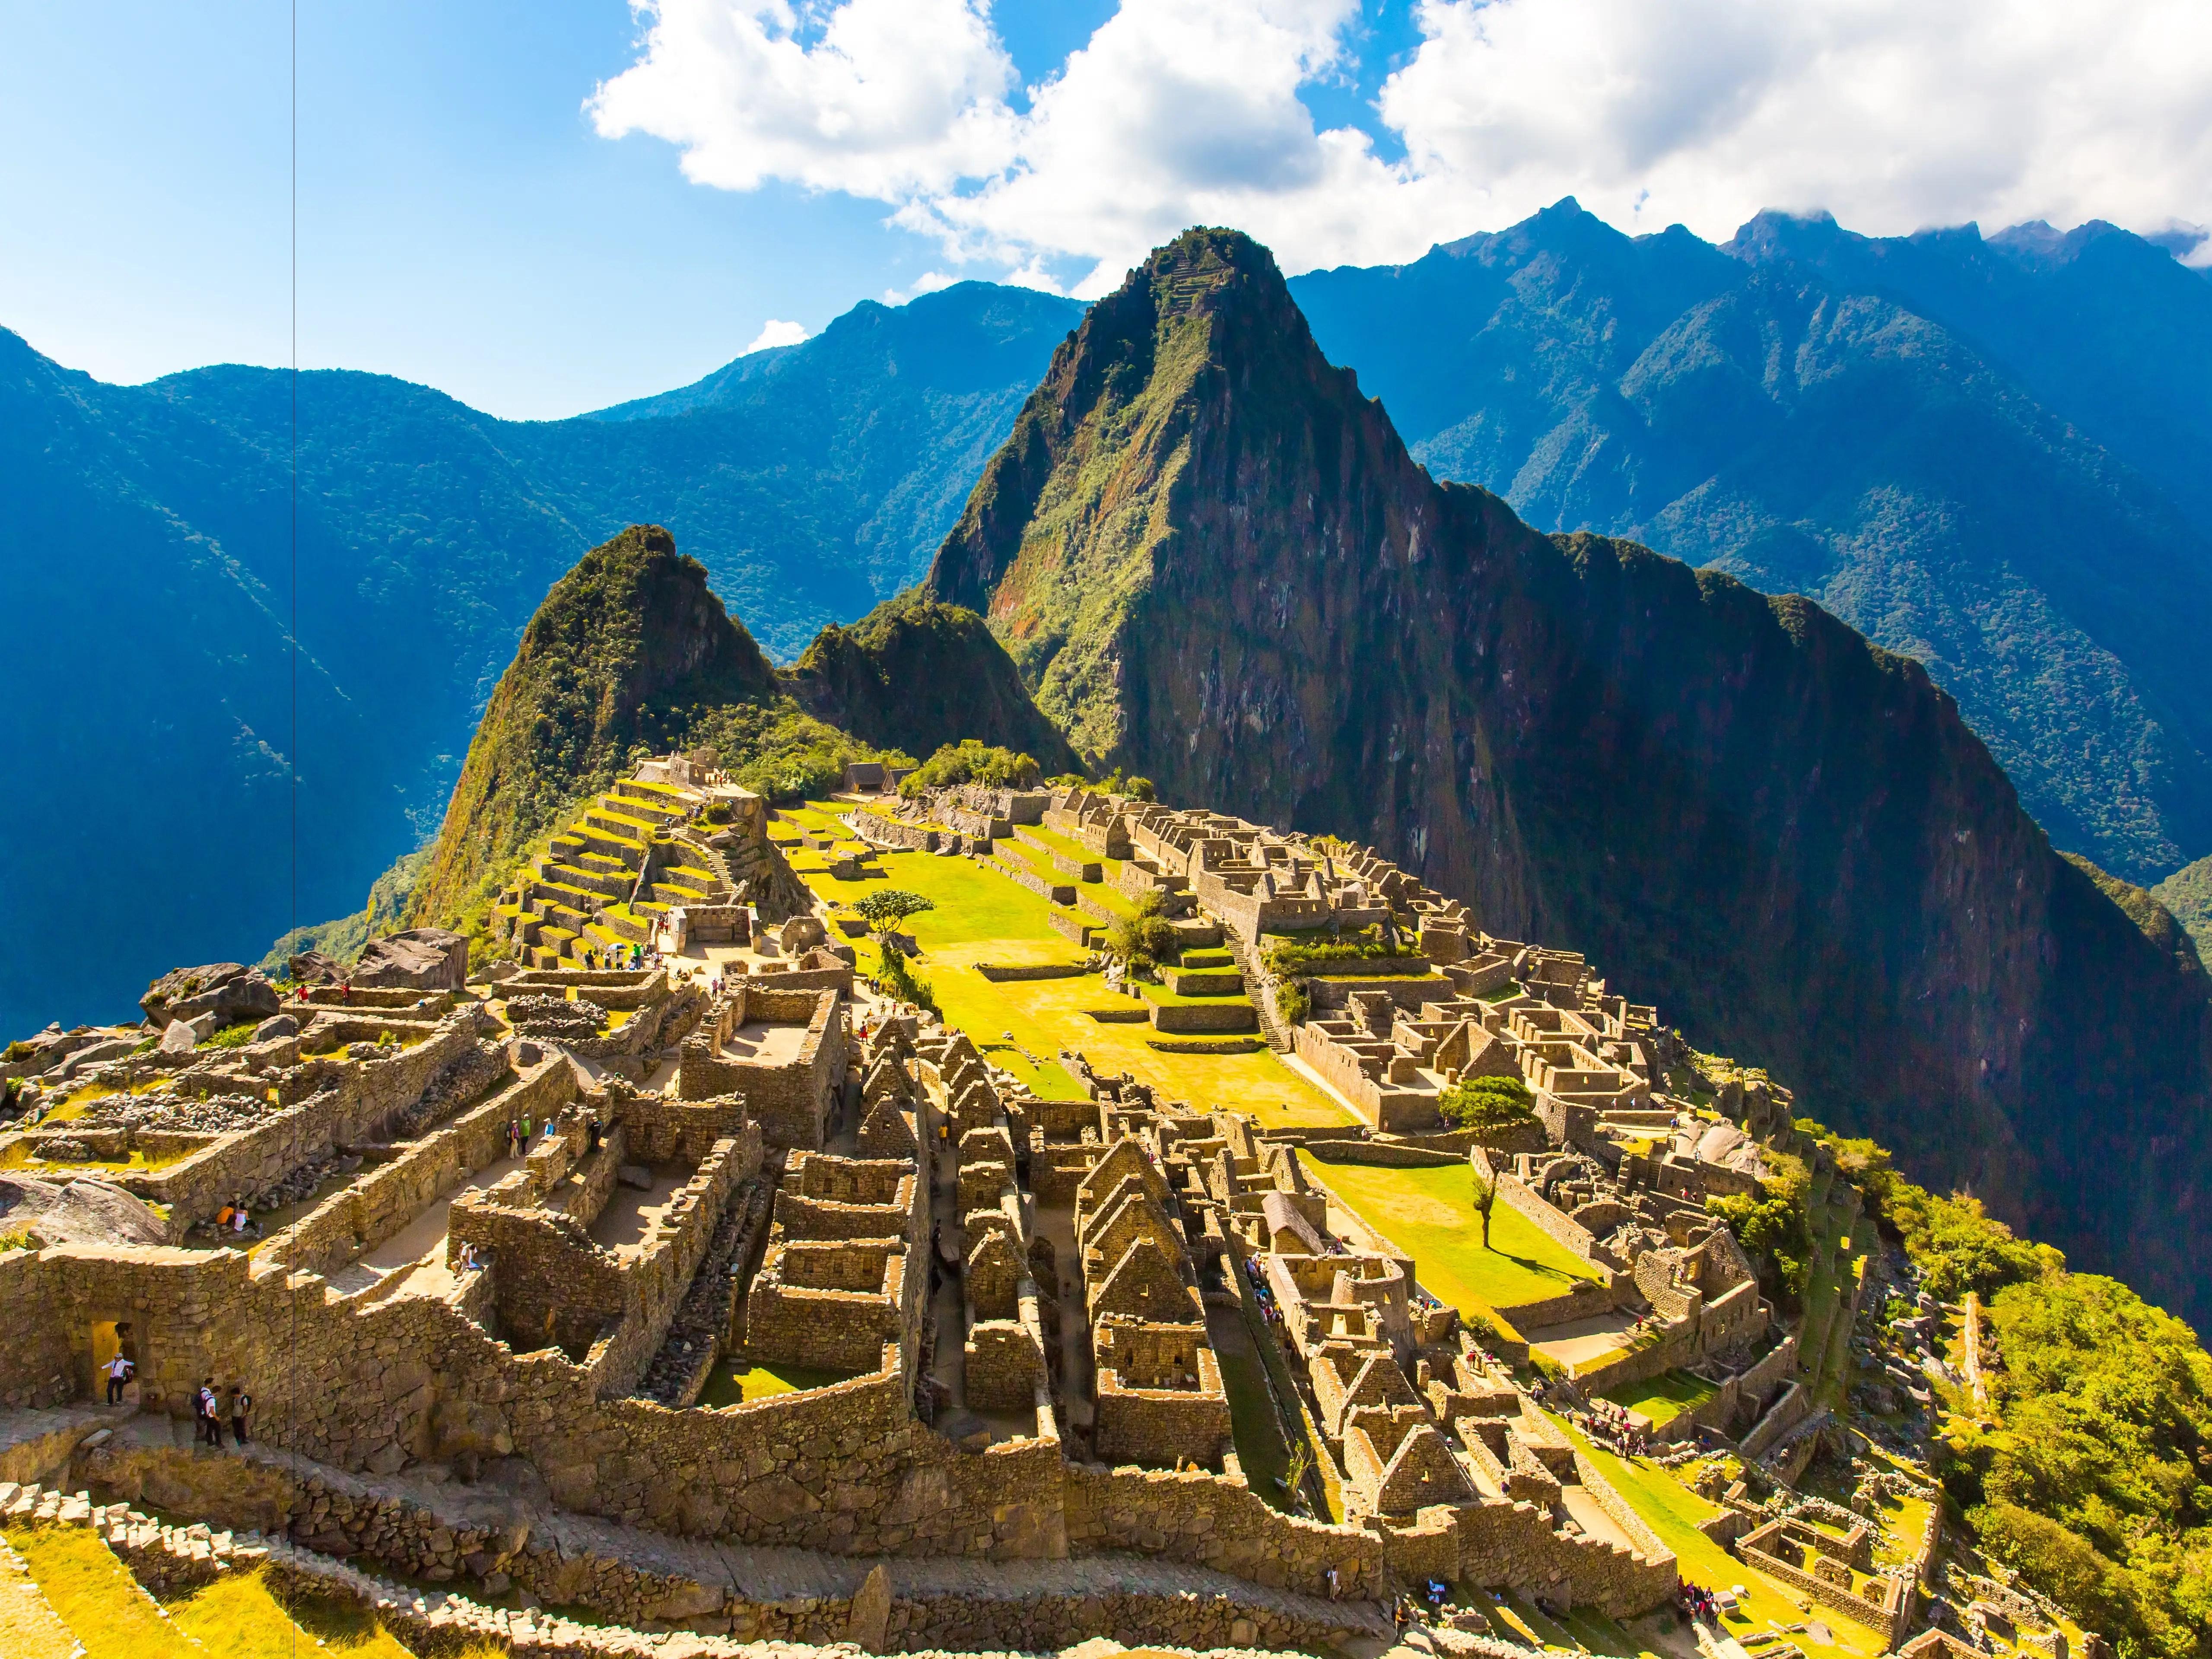 3. Machu Picchu, Peru